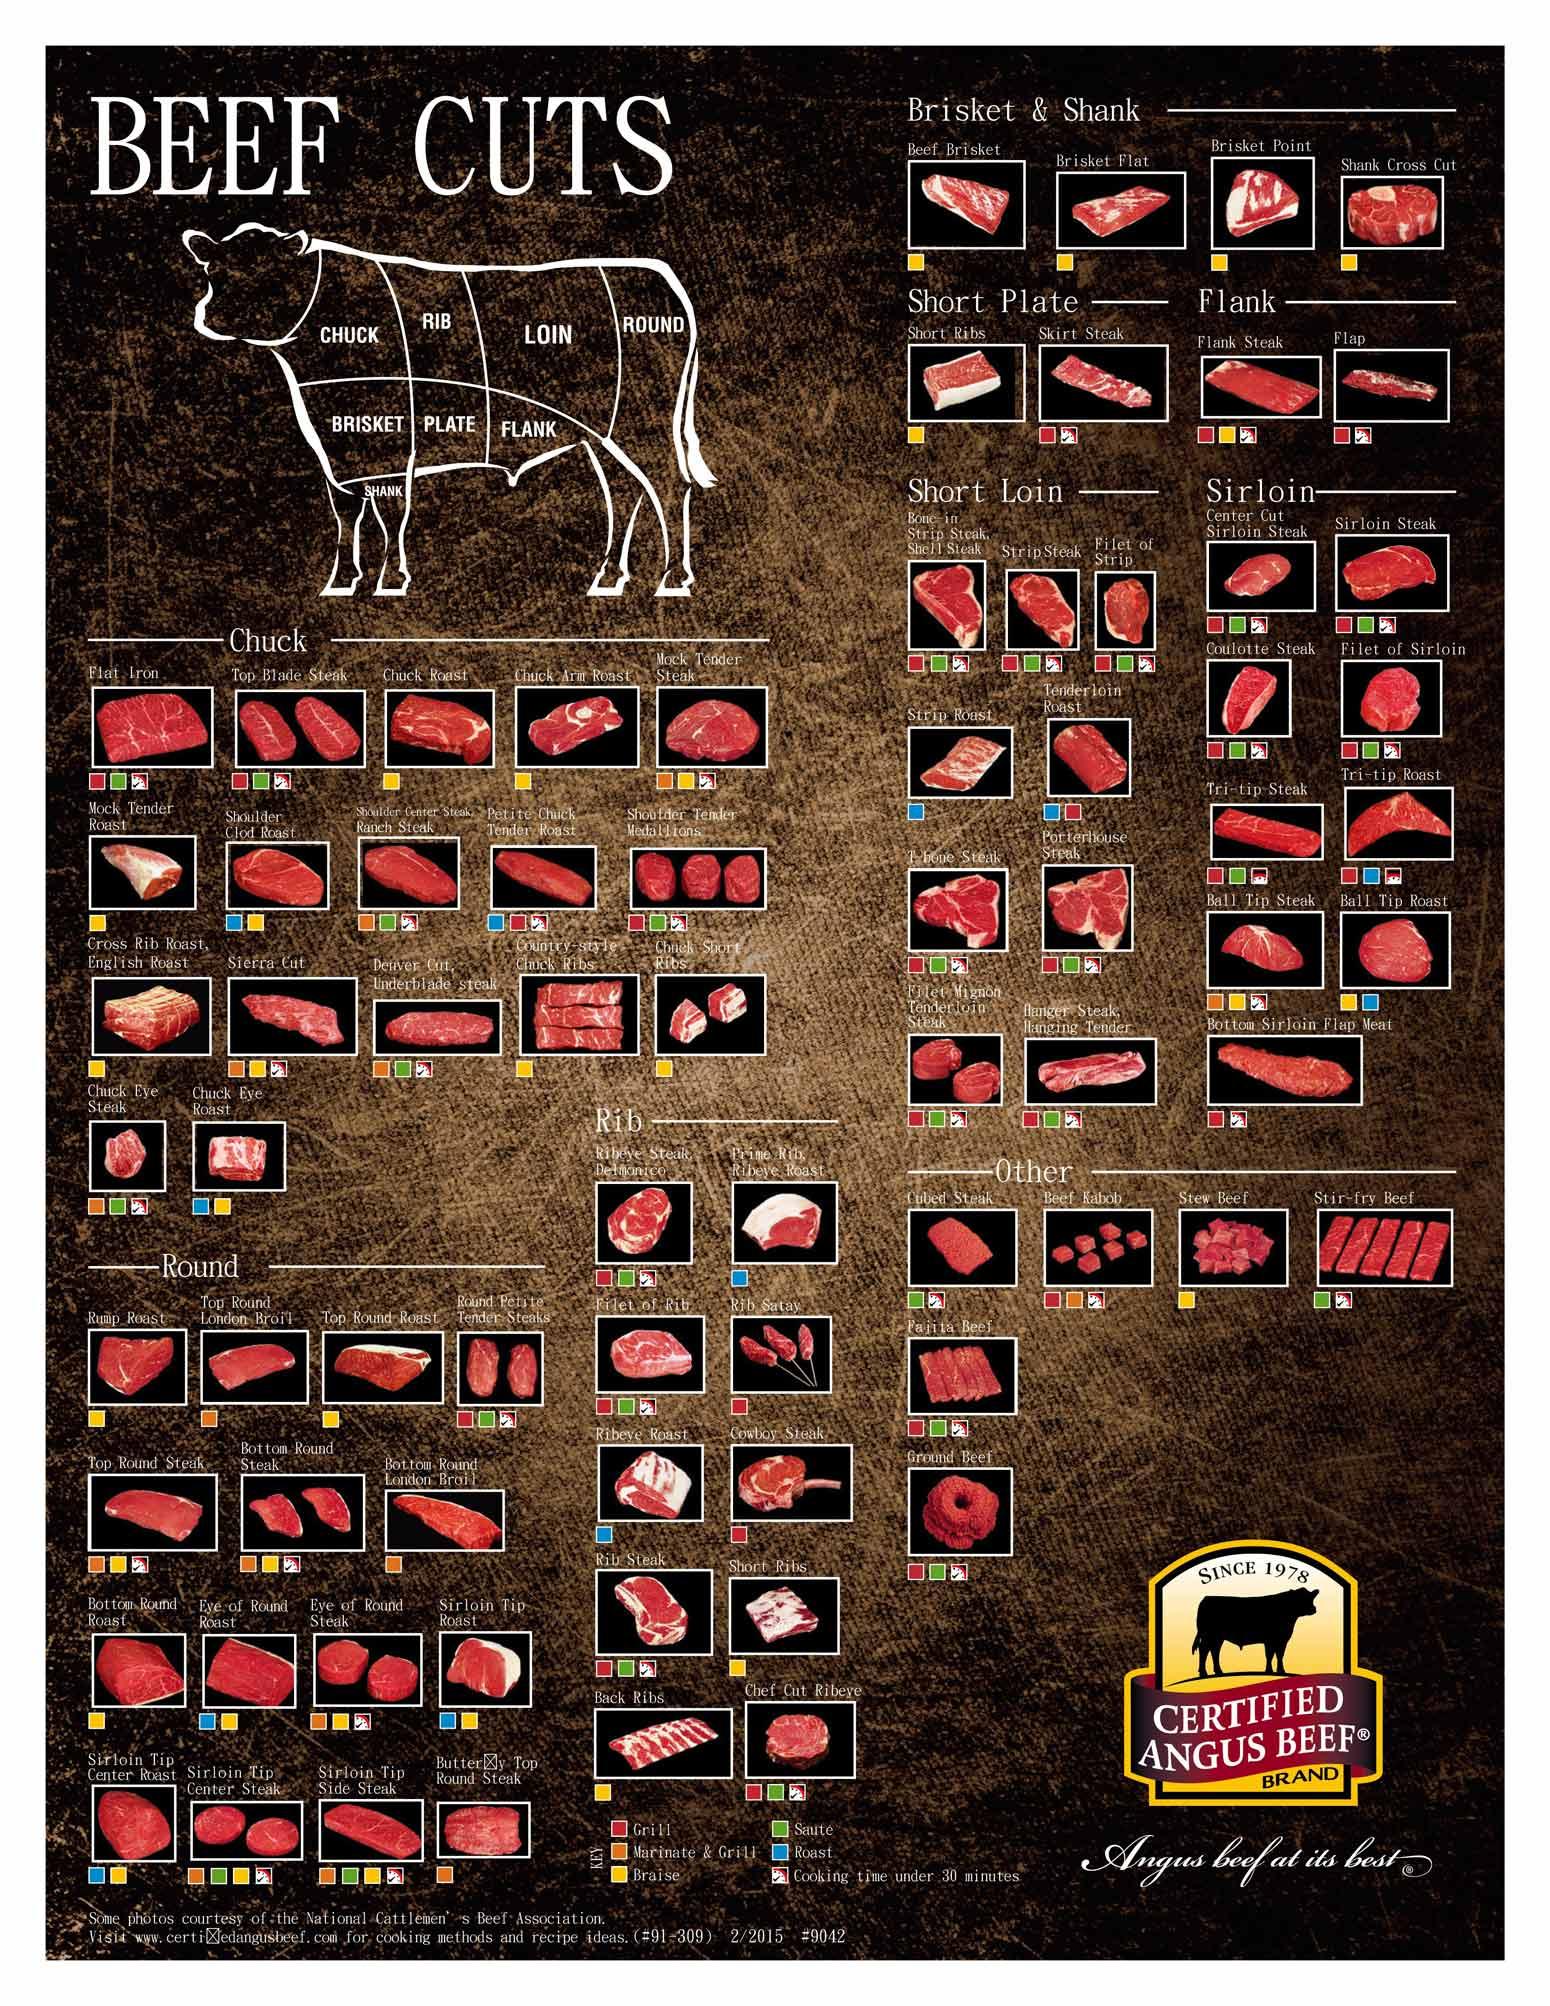 beefcutsposter2015.jpg